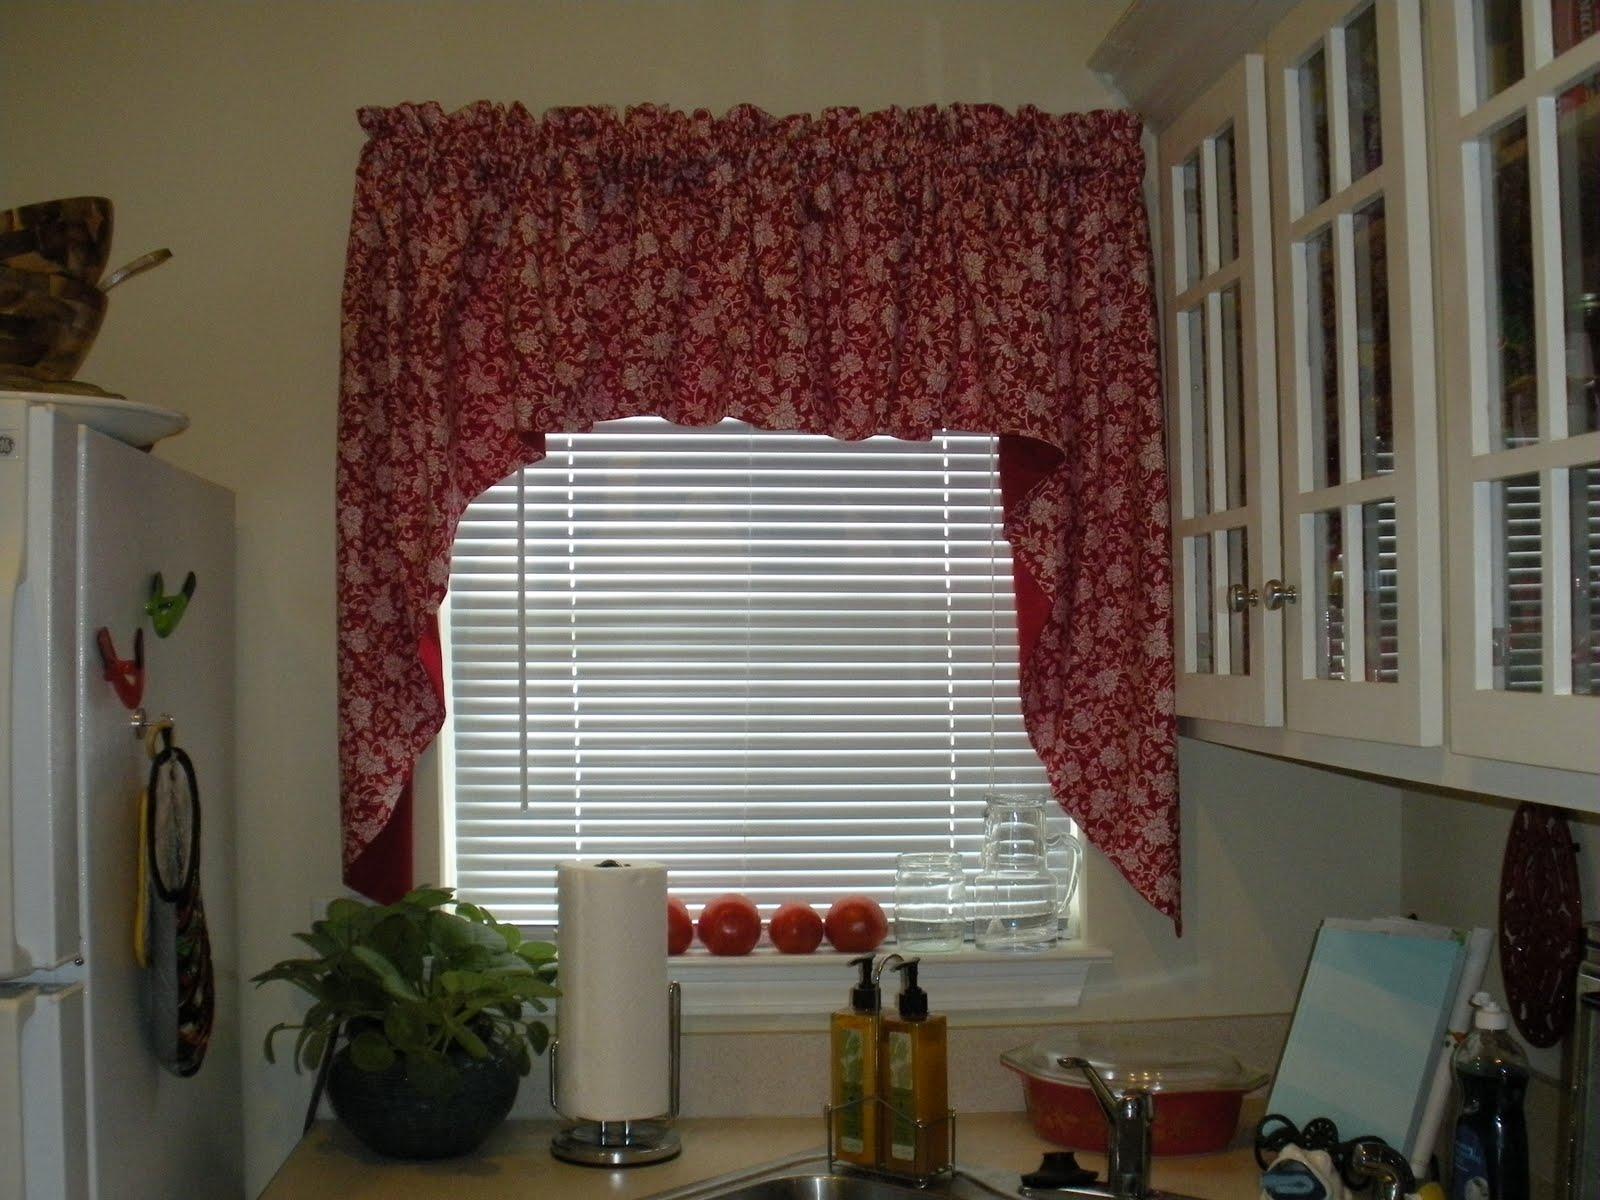 Kitchen curtains target kitchen ideas - Target kitchen curtains ...